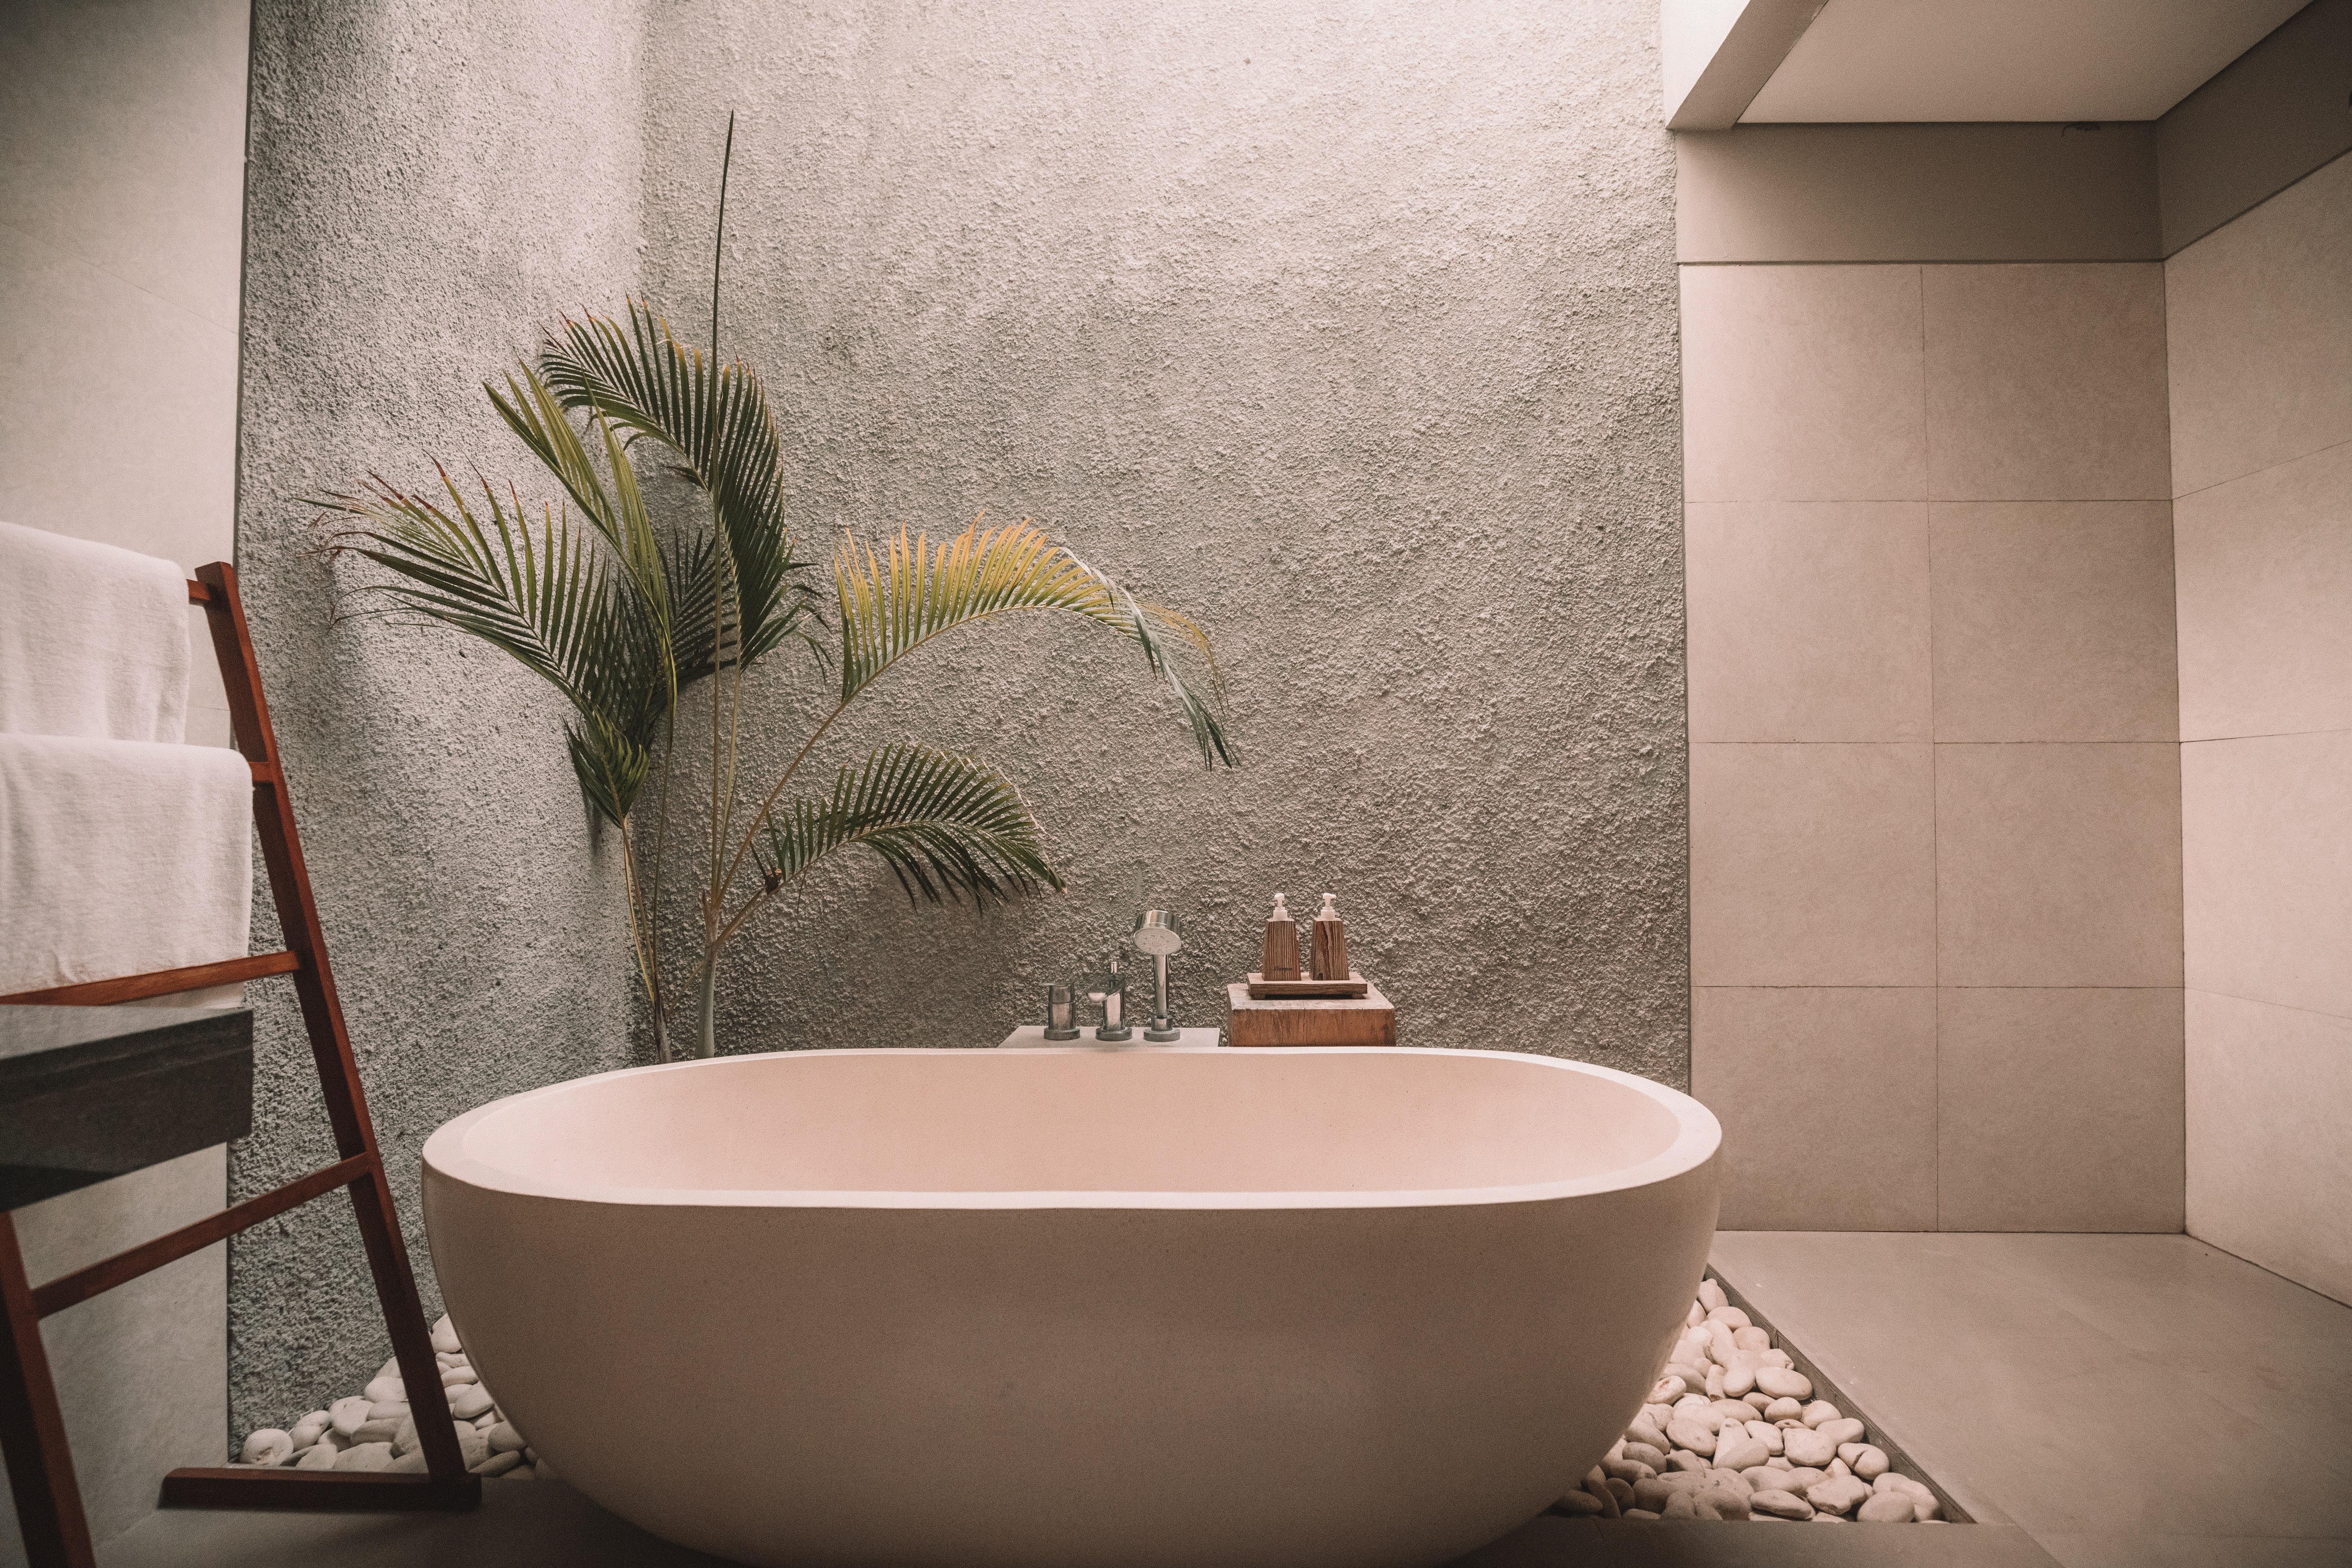 jared rice PibraWHb4h8 unsplash - Smukke ALGAN-håndklæder til dit badeværelse